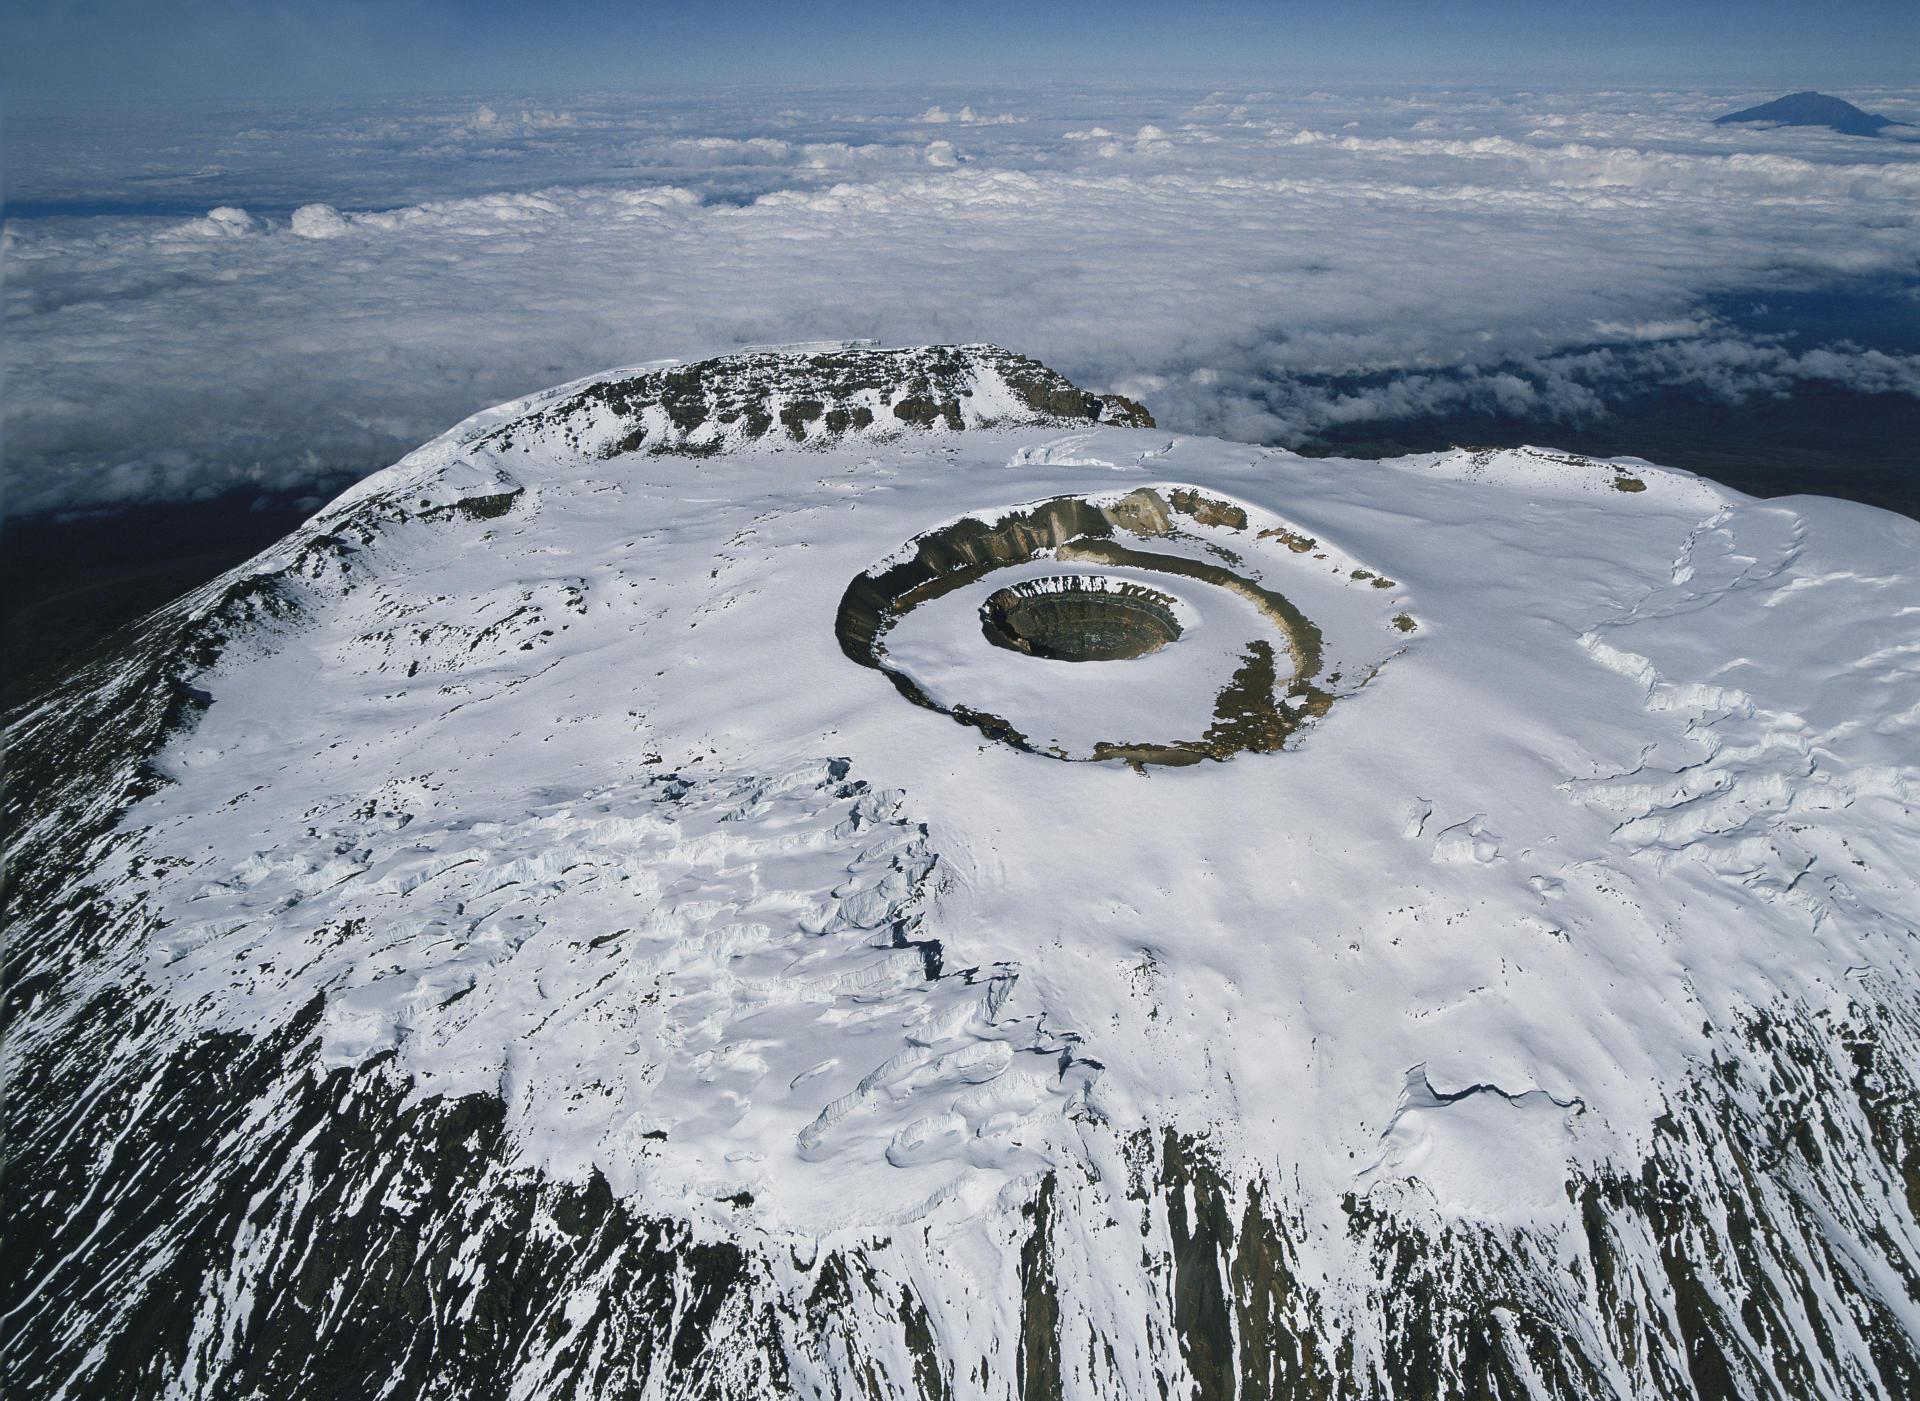 Le Kibo (5891mètres), le plus haut des trois volcans qui forment le Kilimandjaro, en Tanzanie, en 1989.